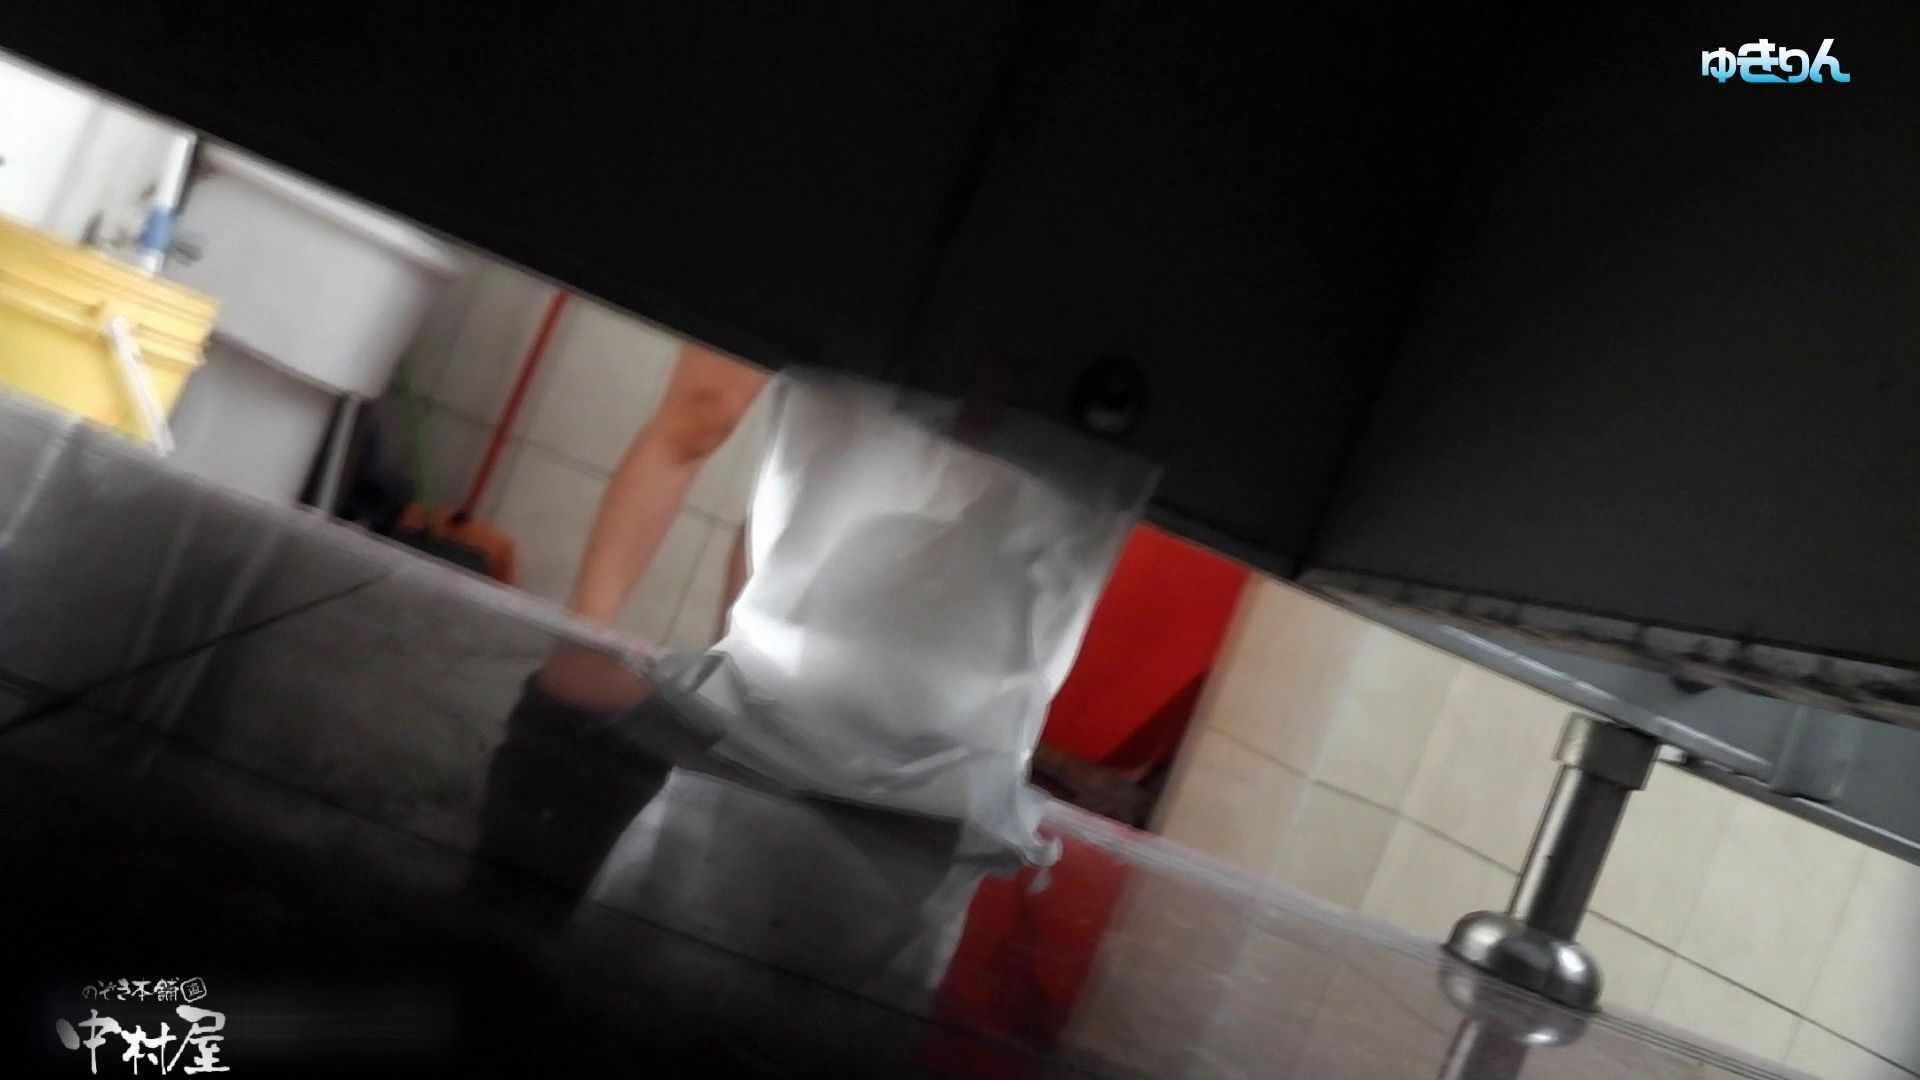 世界の射窓から~ステーション編 vol60 ユキリン粘着撮り!!今回はタイトなパンツが似合う美女 美女丸裸 | 美しいOLの裸体  100pic 93